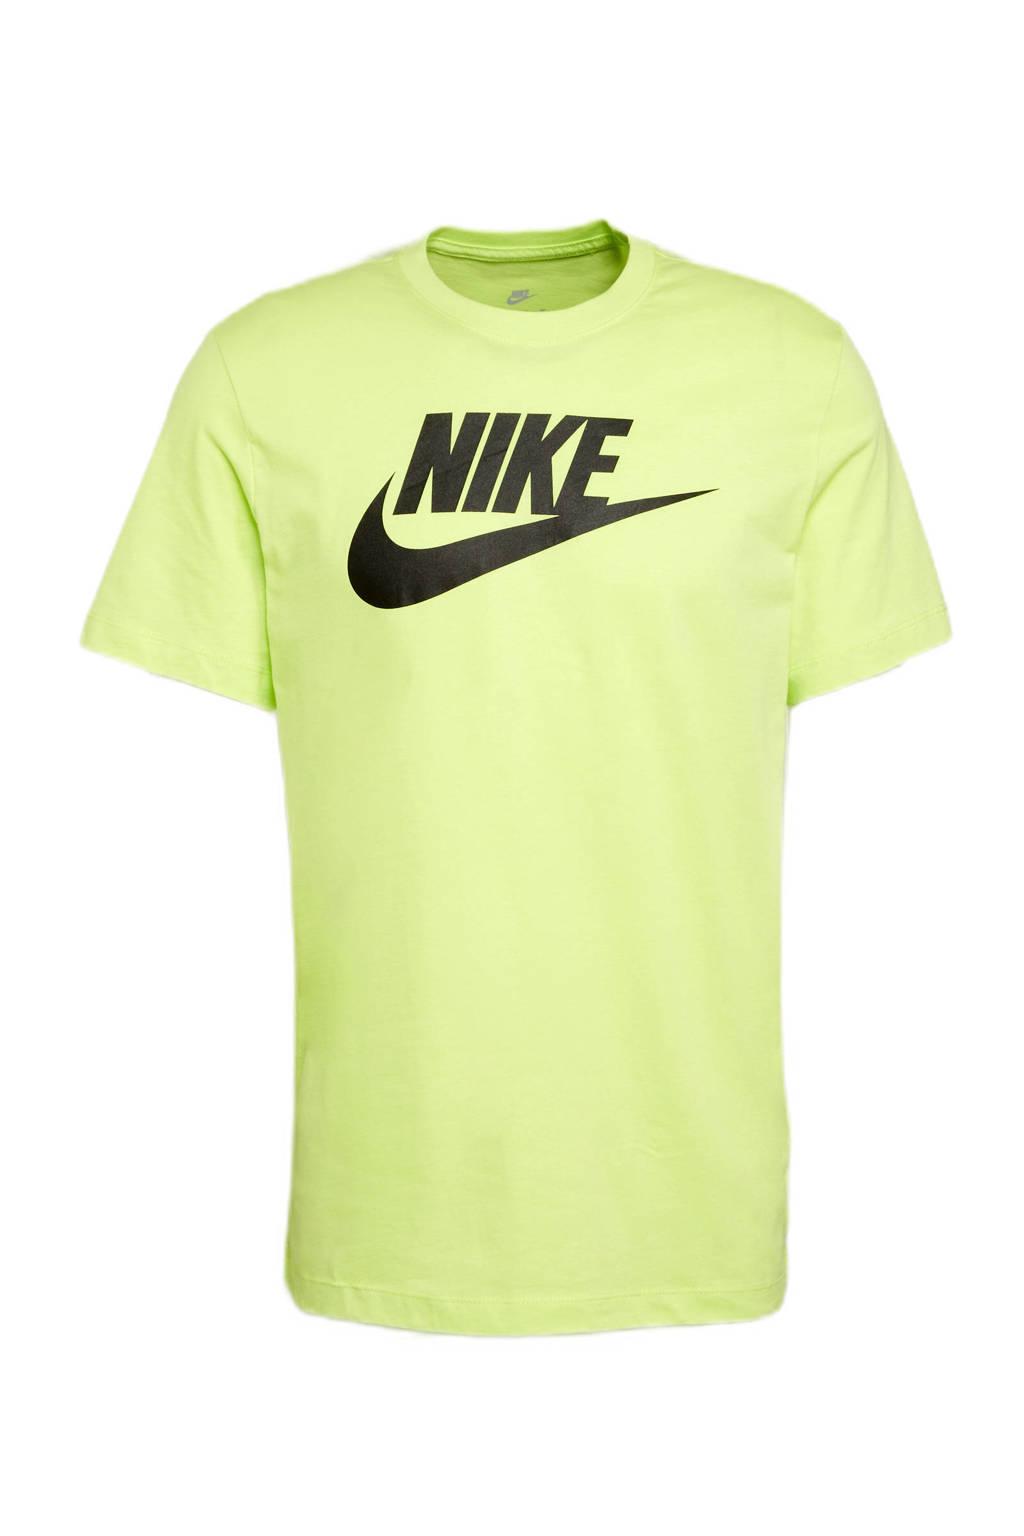 Nike sport T-shirt neon geel/zwart, Neon geel/zwart